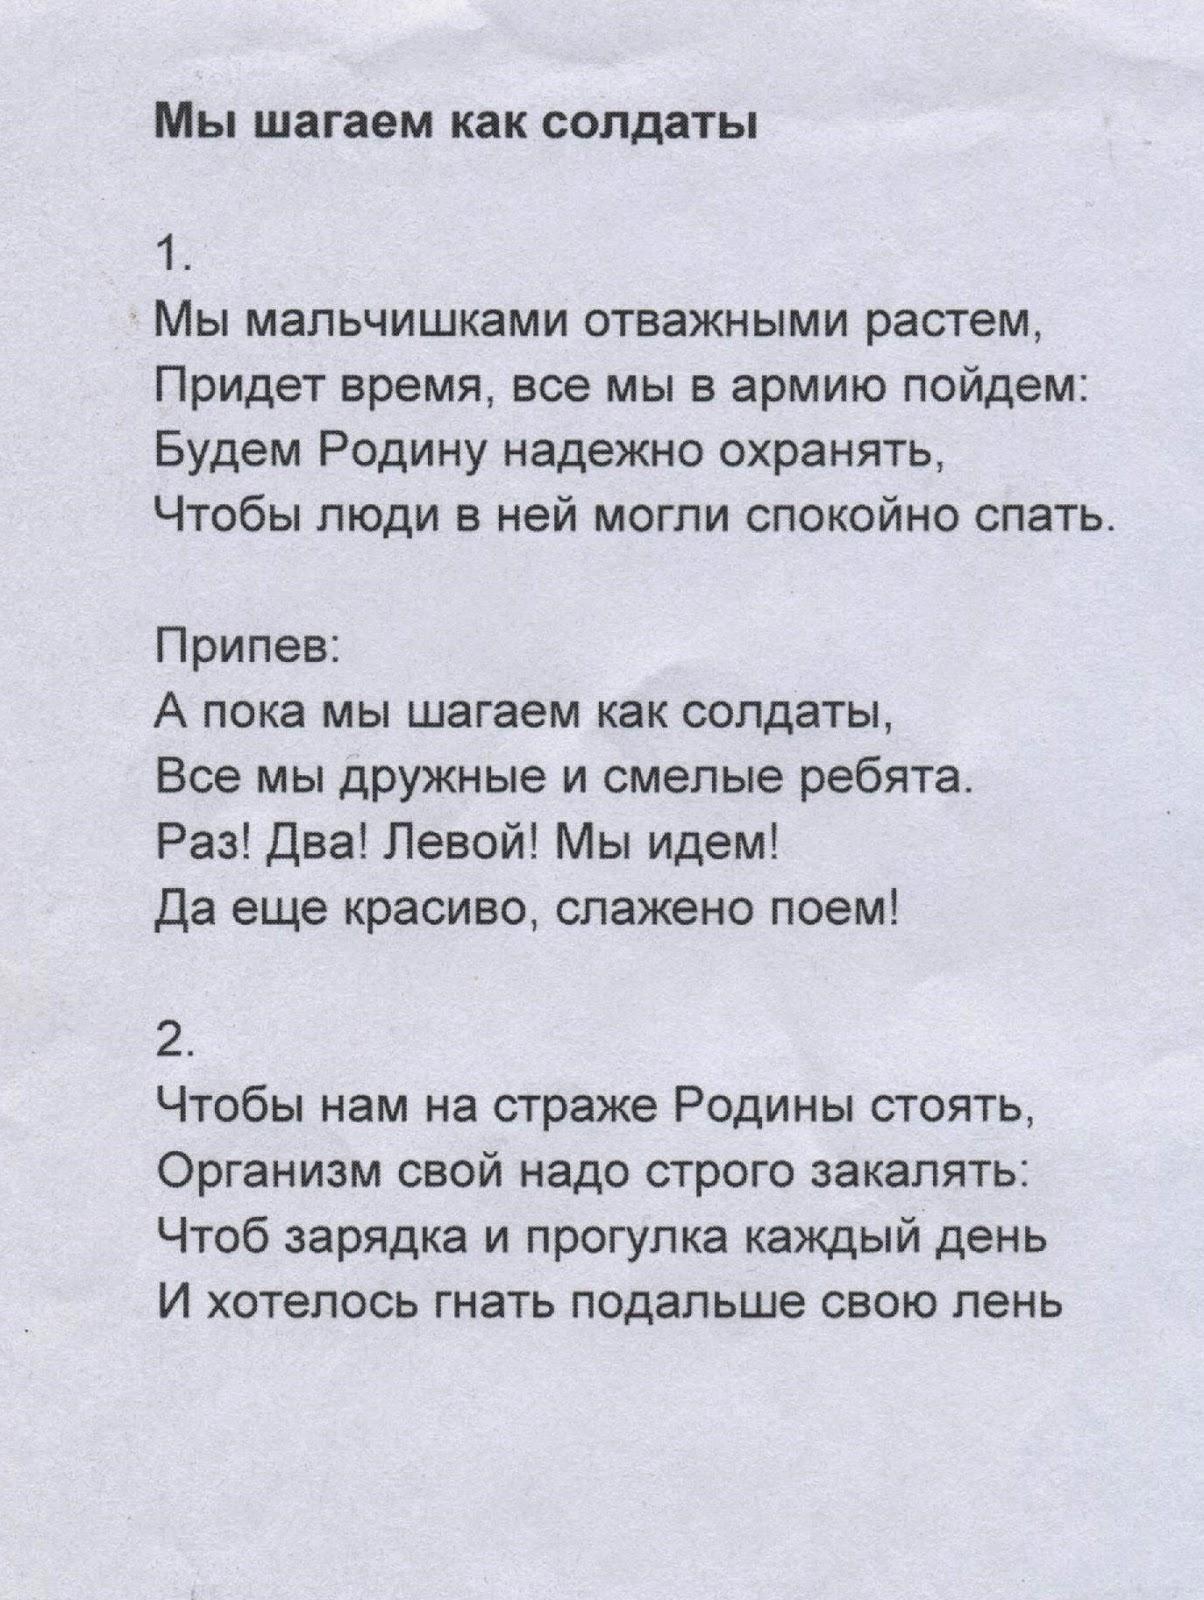 НОТЫ ПЕСНИ МЫ ШАГАЕМ КАК СОЛДАТЫ СКАЧАТЬ БЕСПЛАТНО